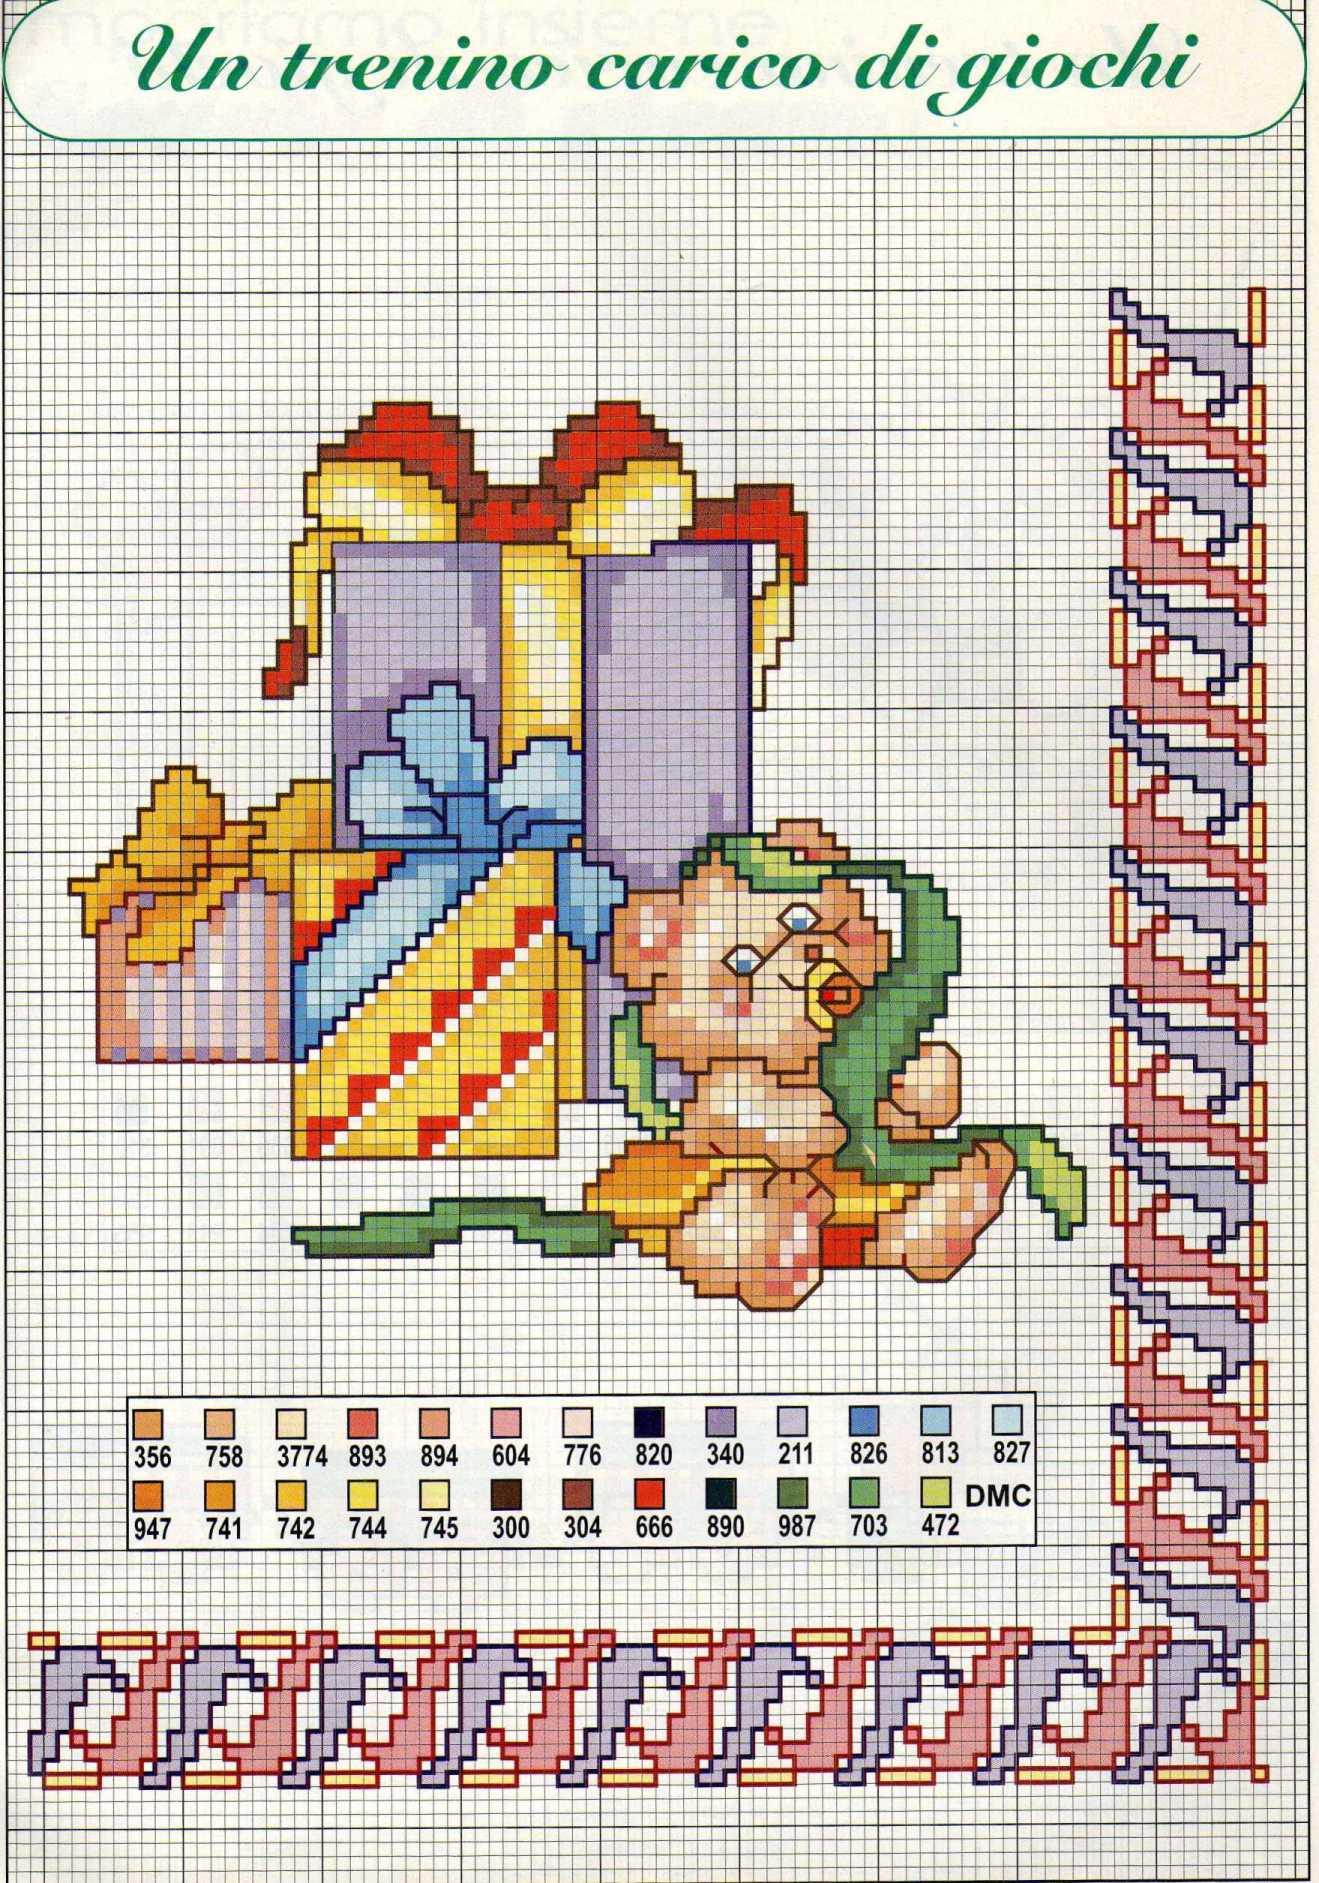 Un trenino carico di giochi schema da ricamare punto croce per bambini (2) - magiedifilo.it ...